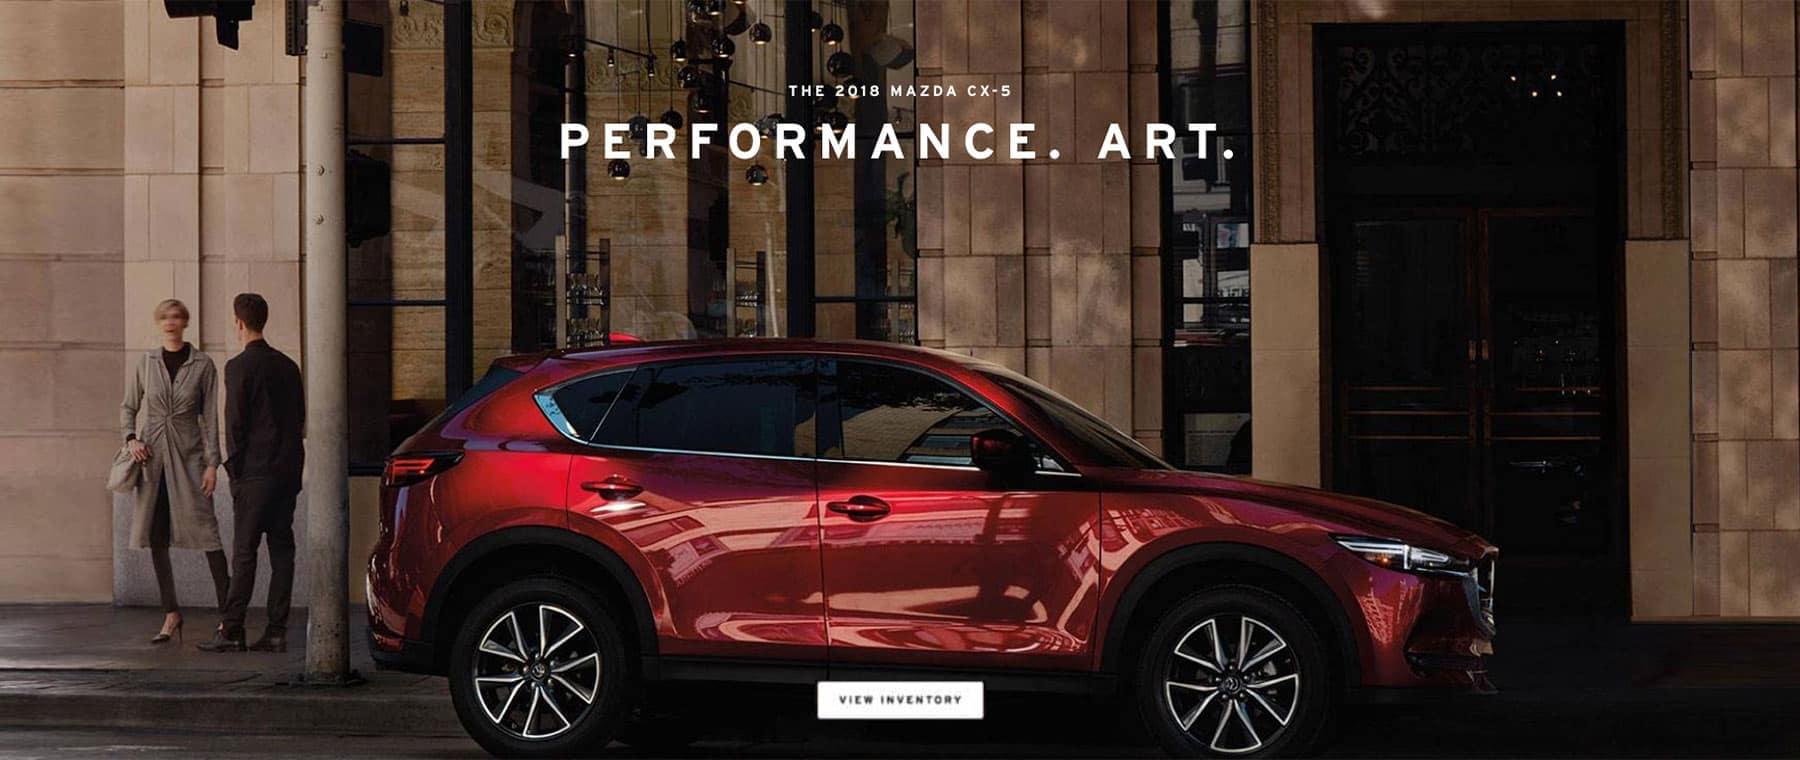 Cooley Mazda Mazda Dealer In Rensselaer NY - Mazda dealership albany ny